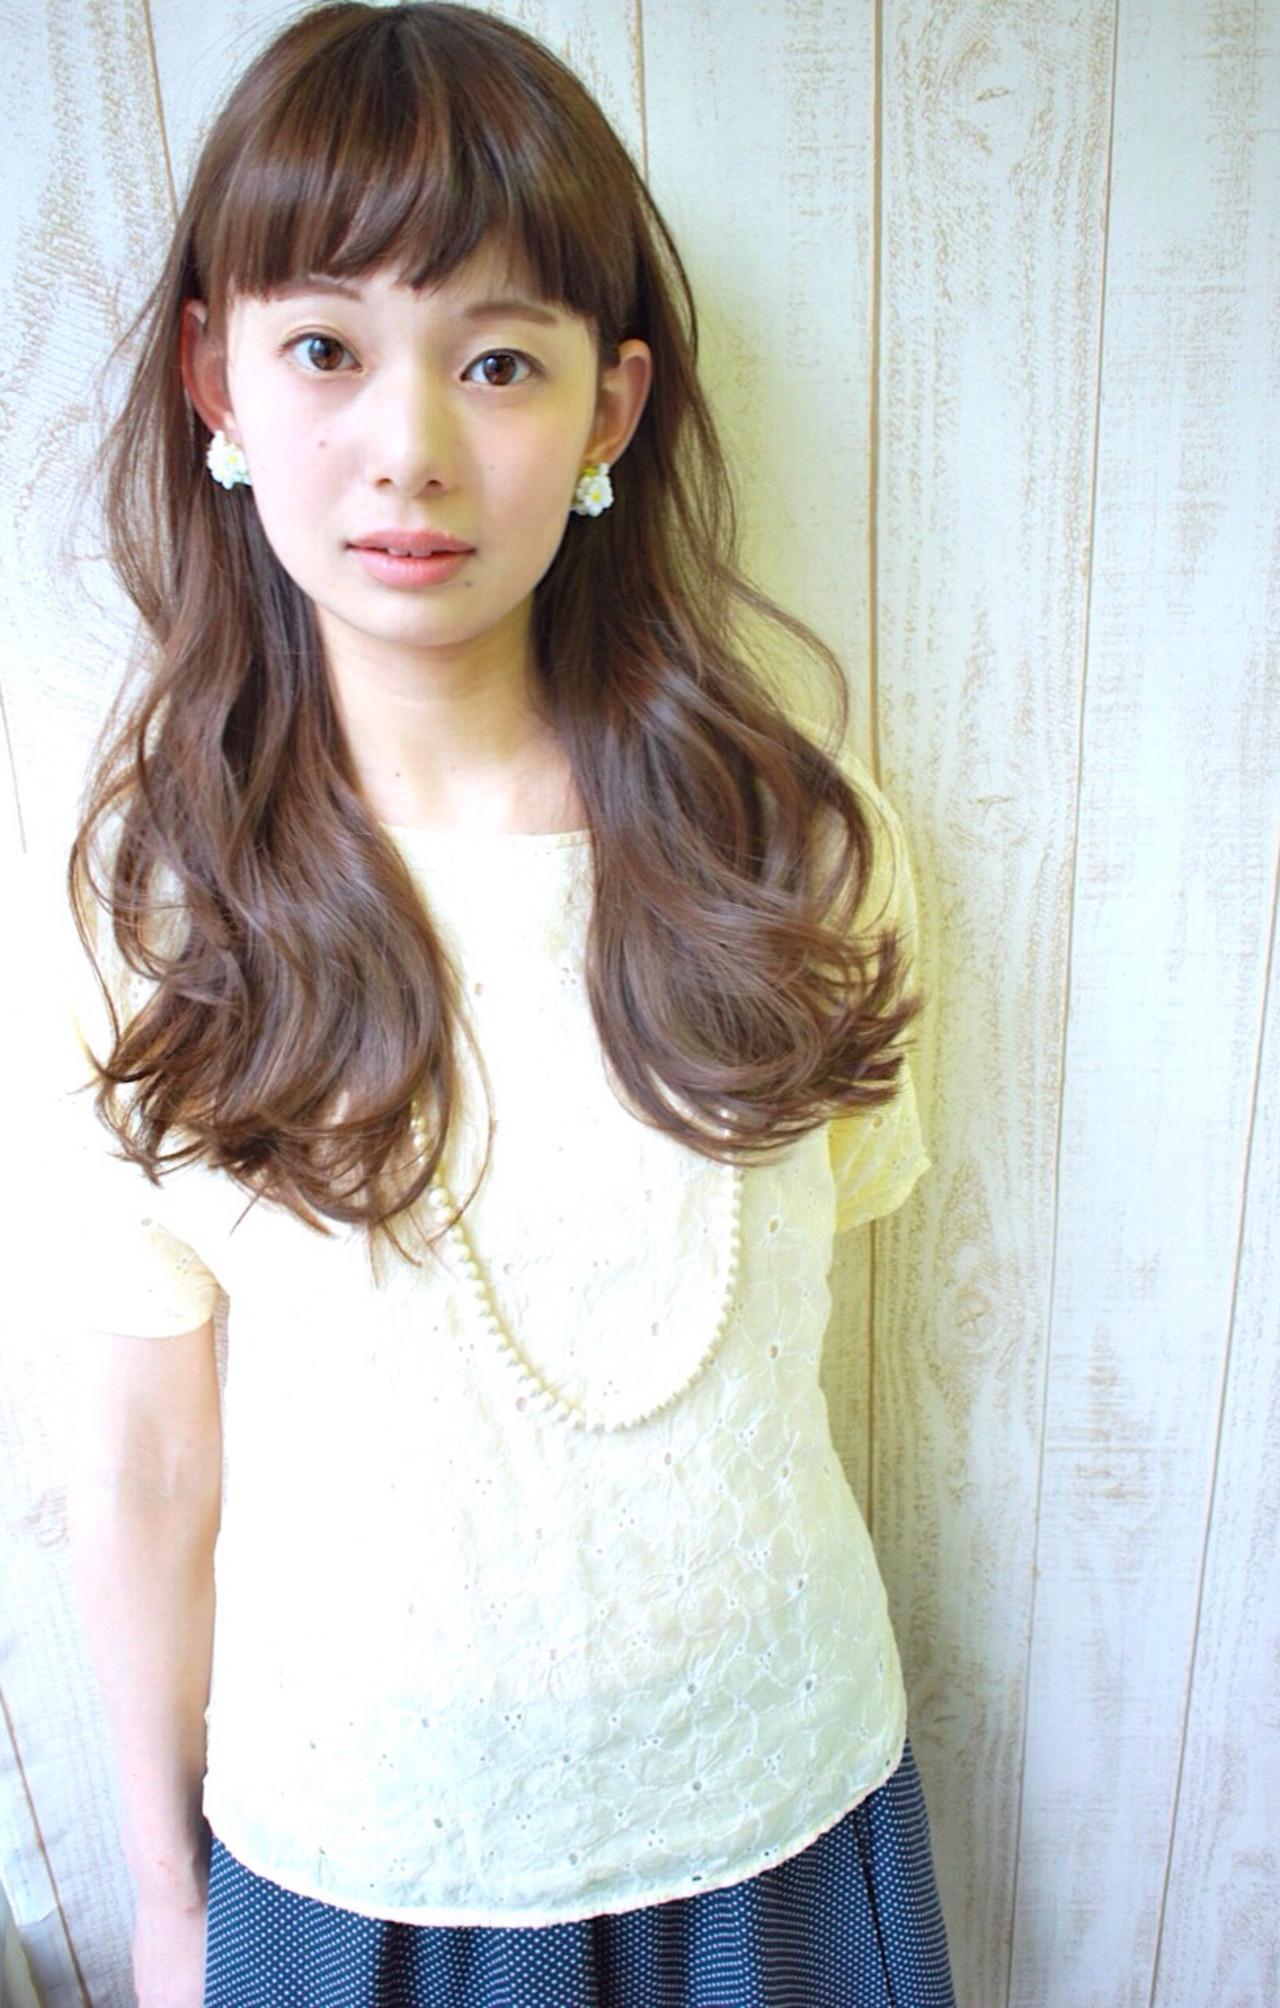 リラックス セミロング ゆるふわ 似合わせ ヘアスタイルや髪型の写真・画像 | 柴立吉之助 / Moon jeje (ムーンジェジェ)